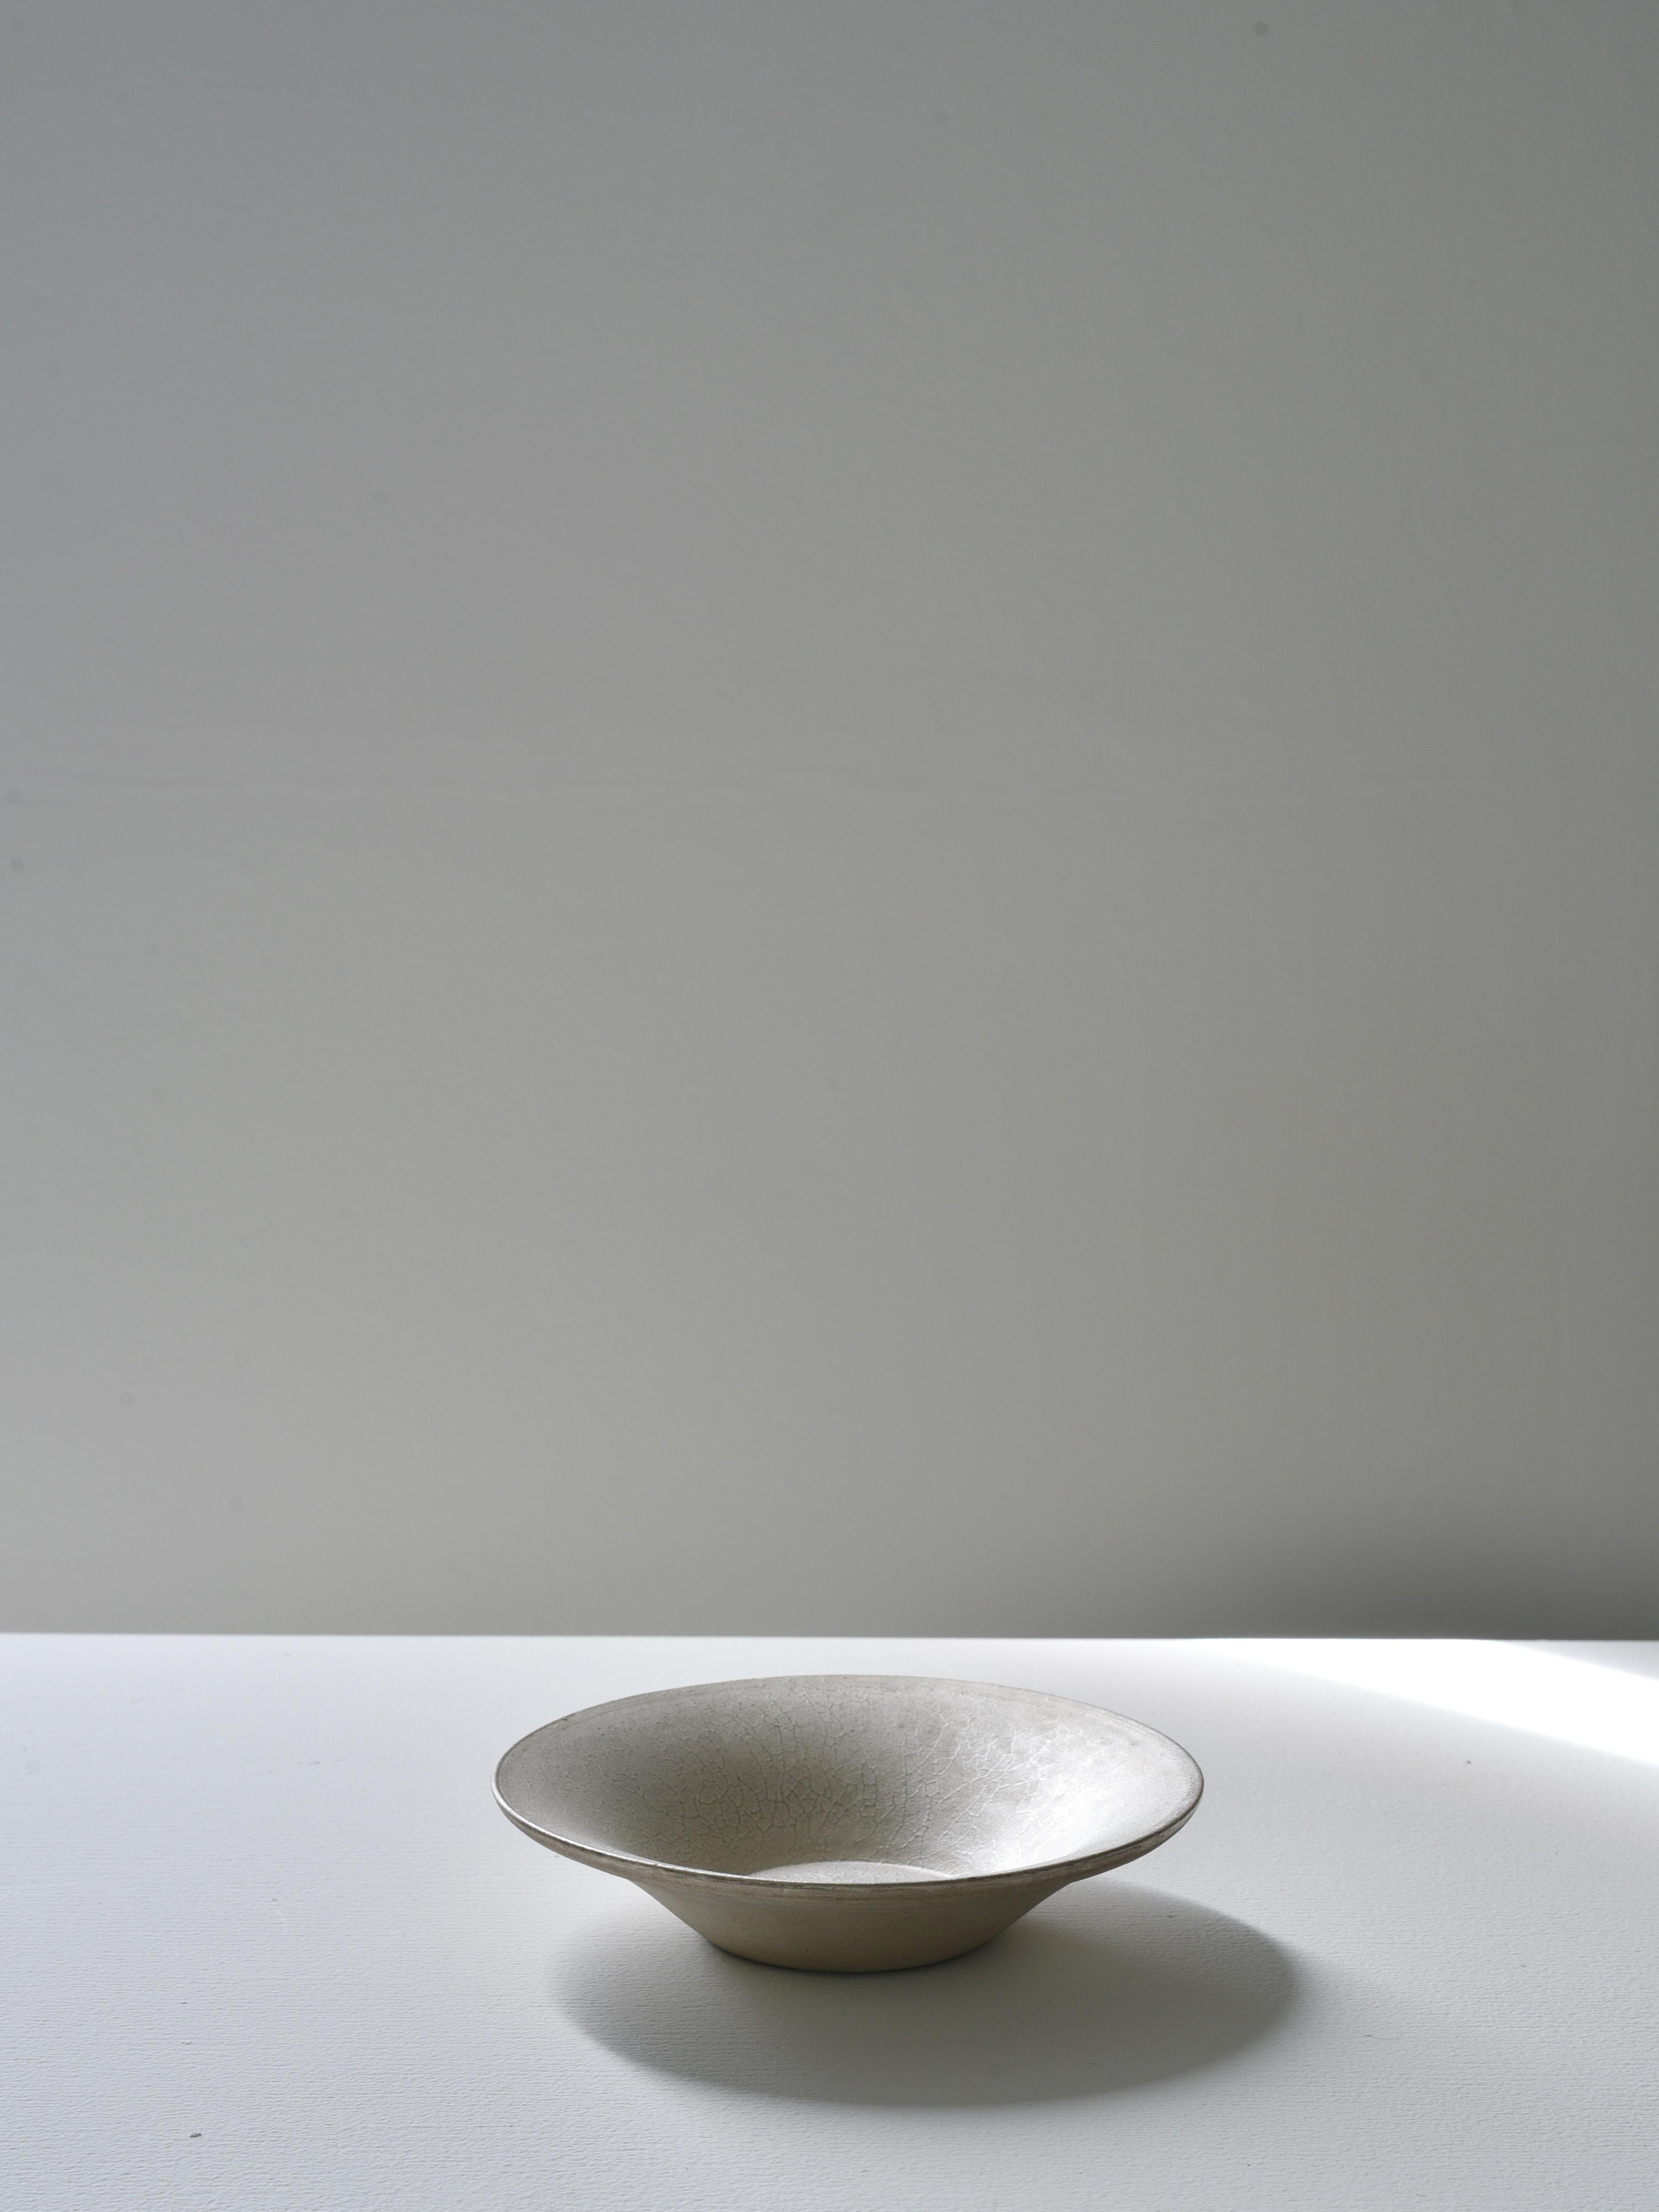 瀬川辰馬|硫化銀彩口広鉢小